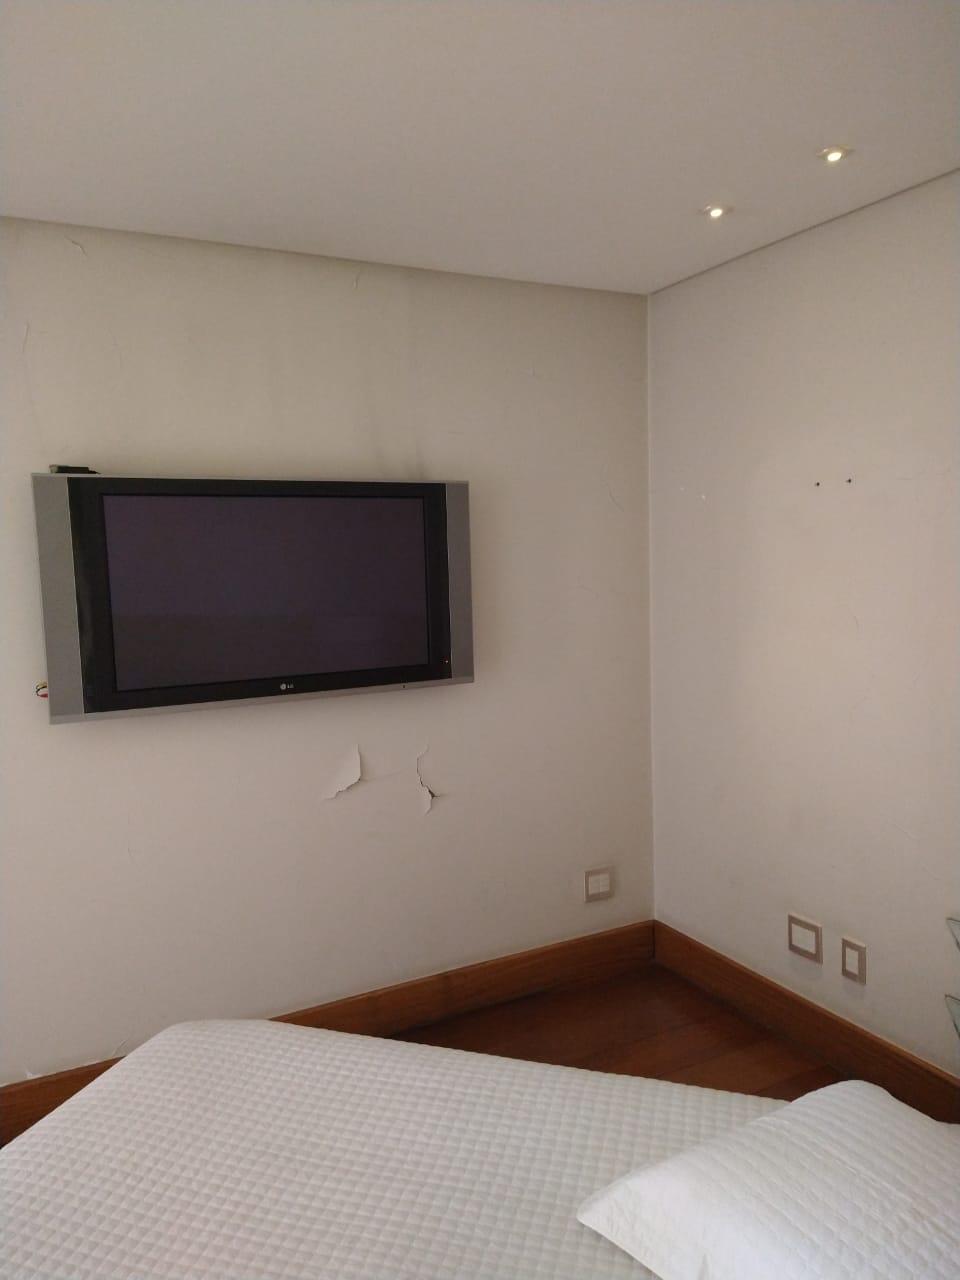 Ipiranga, Apartamento Padrão-Suíte com piso de madeira e sanca de gesso com iluminação direta